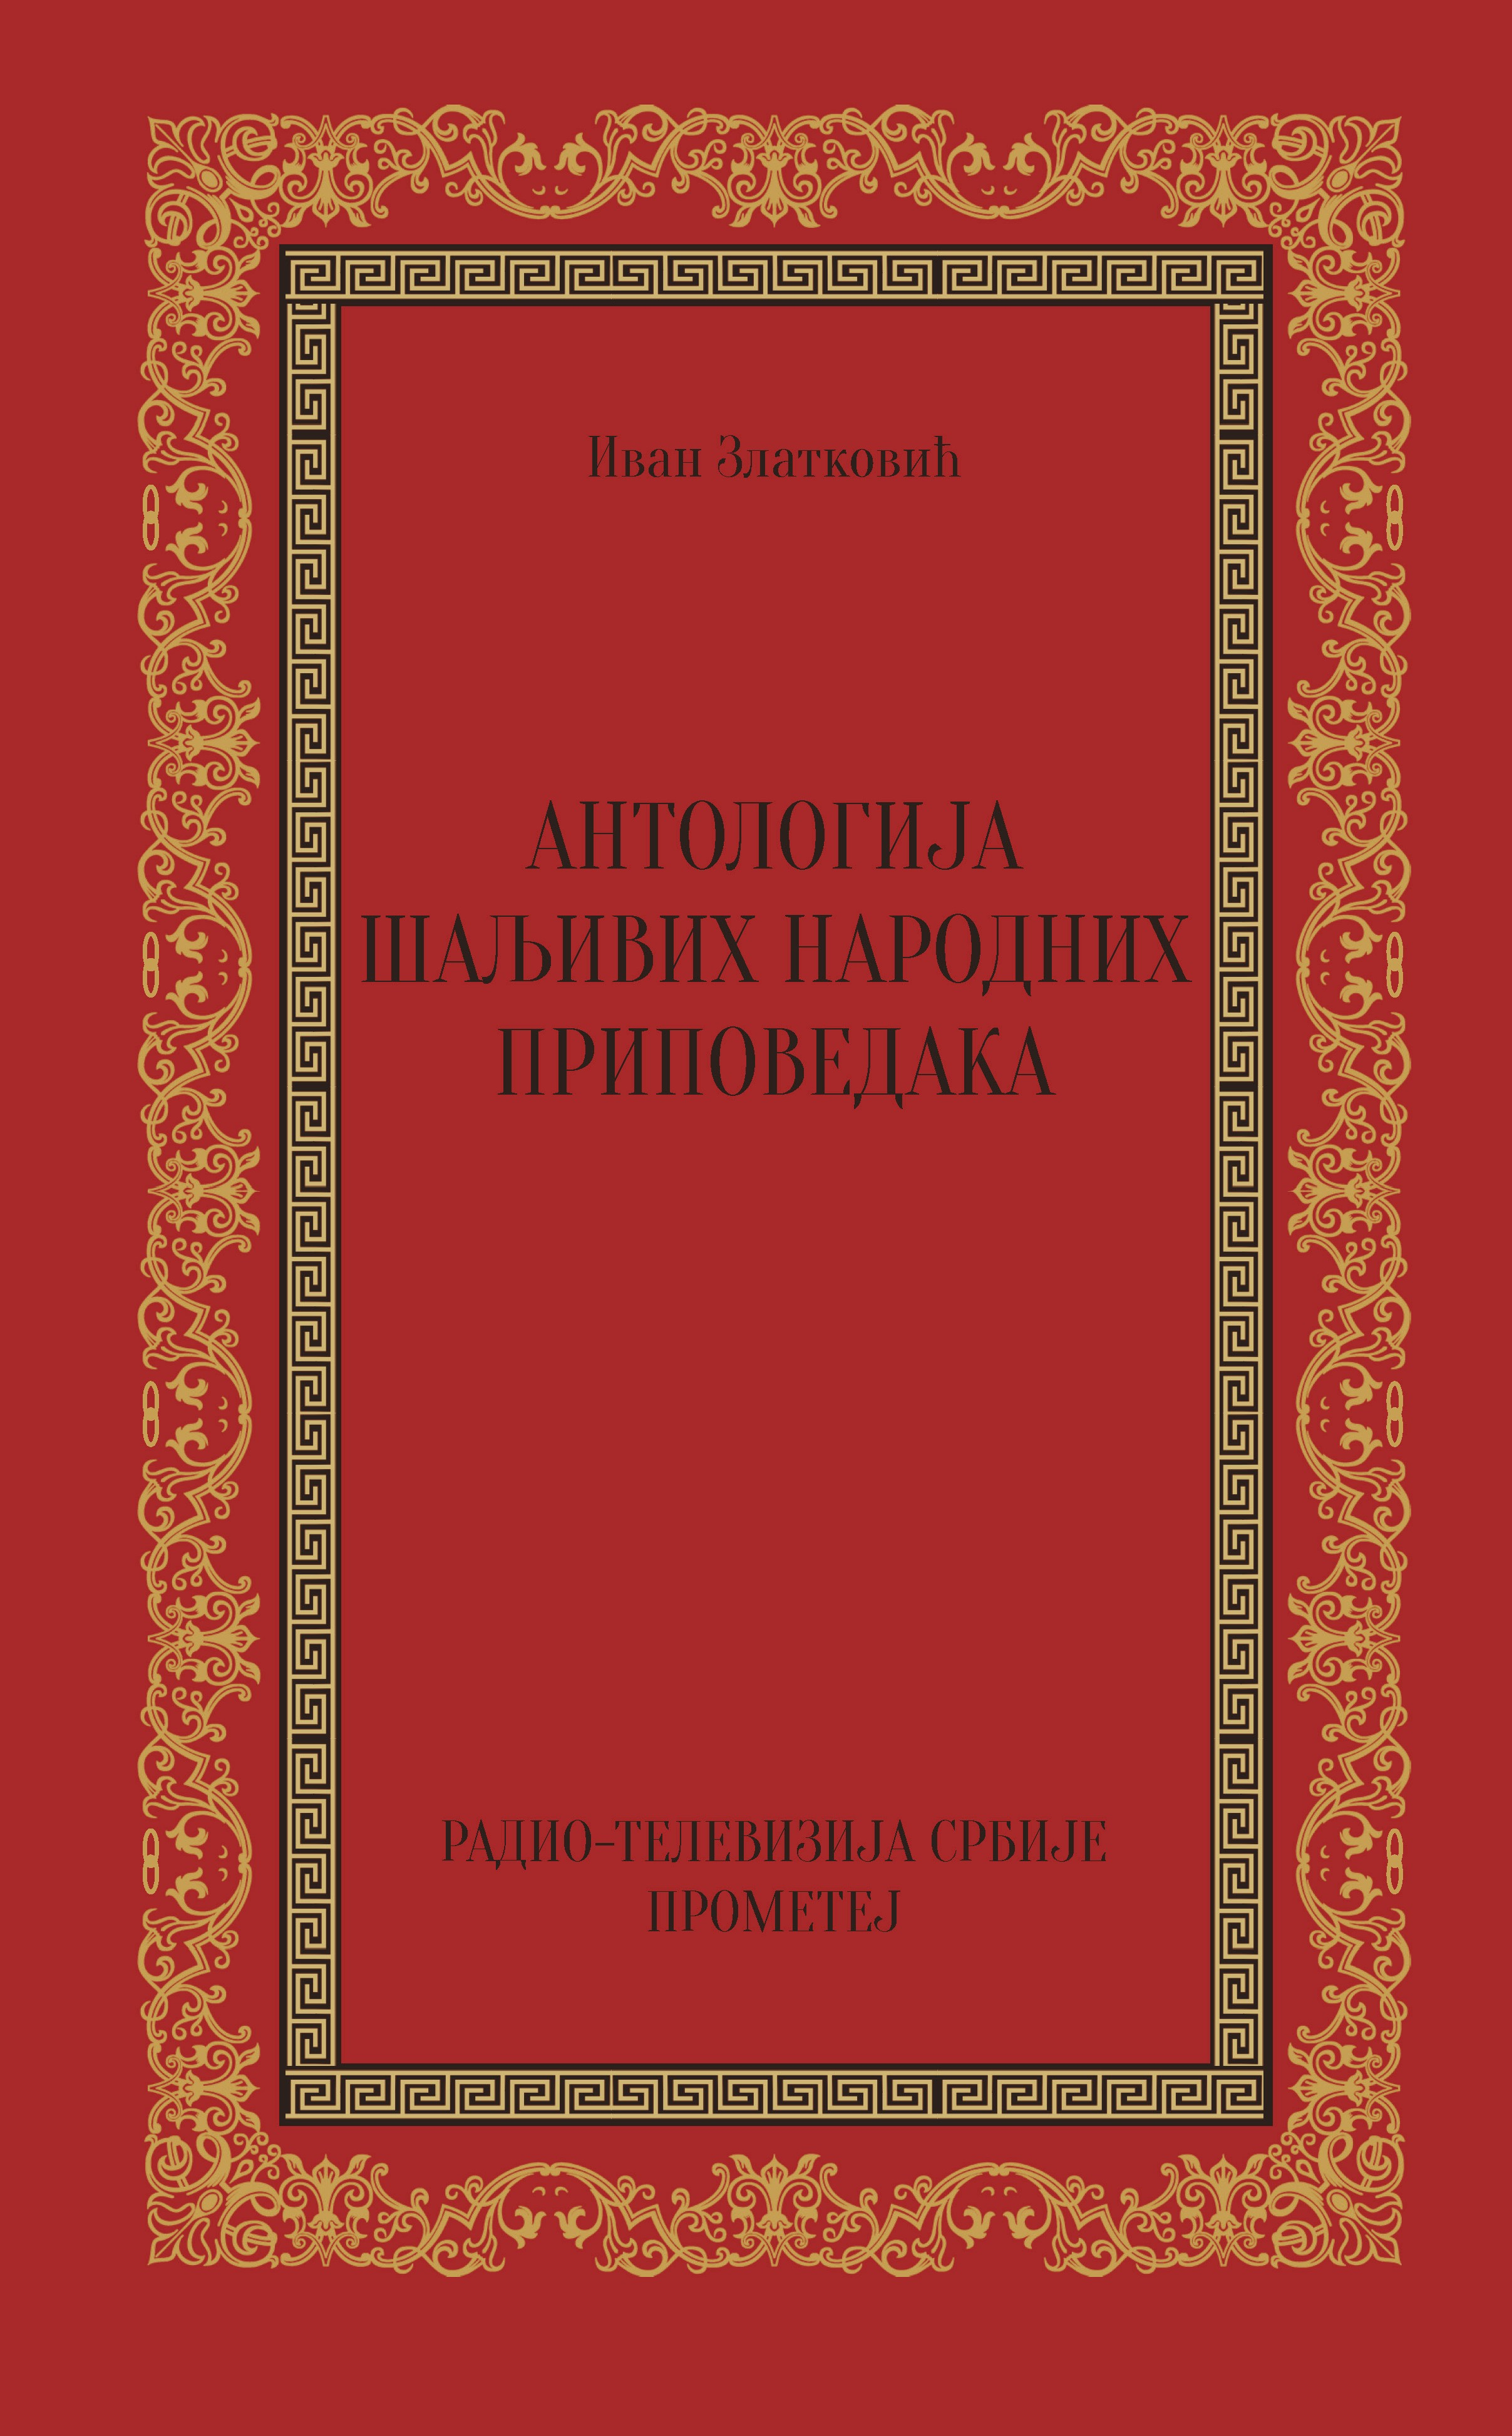 Антологија шаљивих народних приповедака